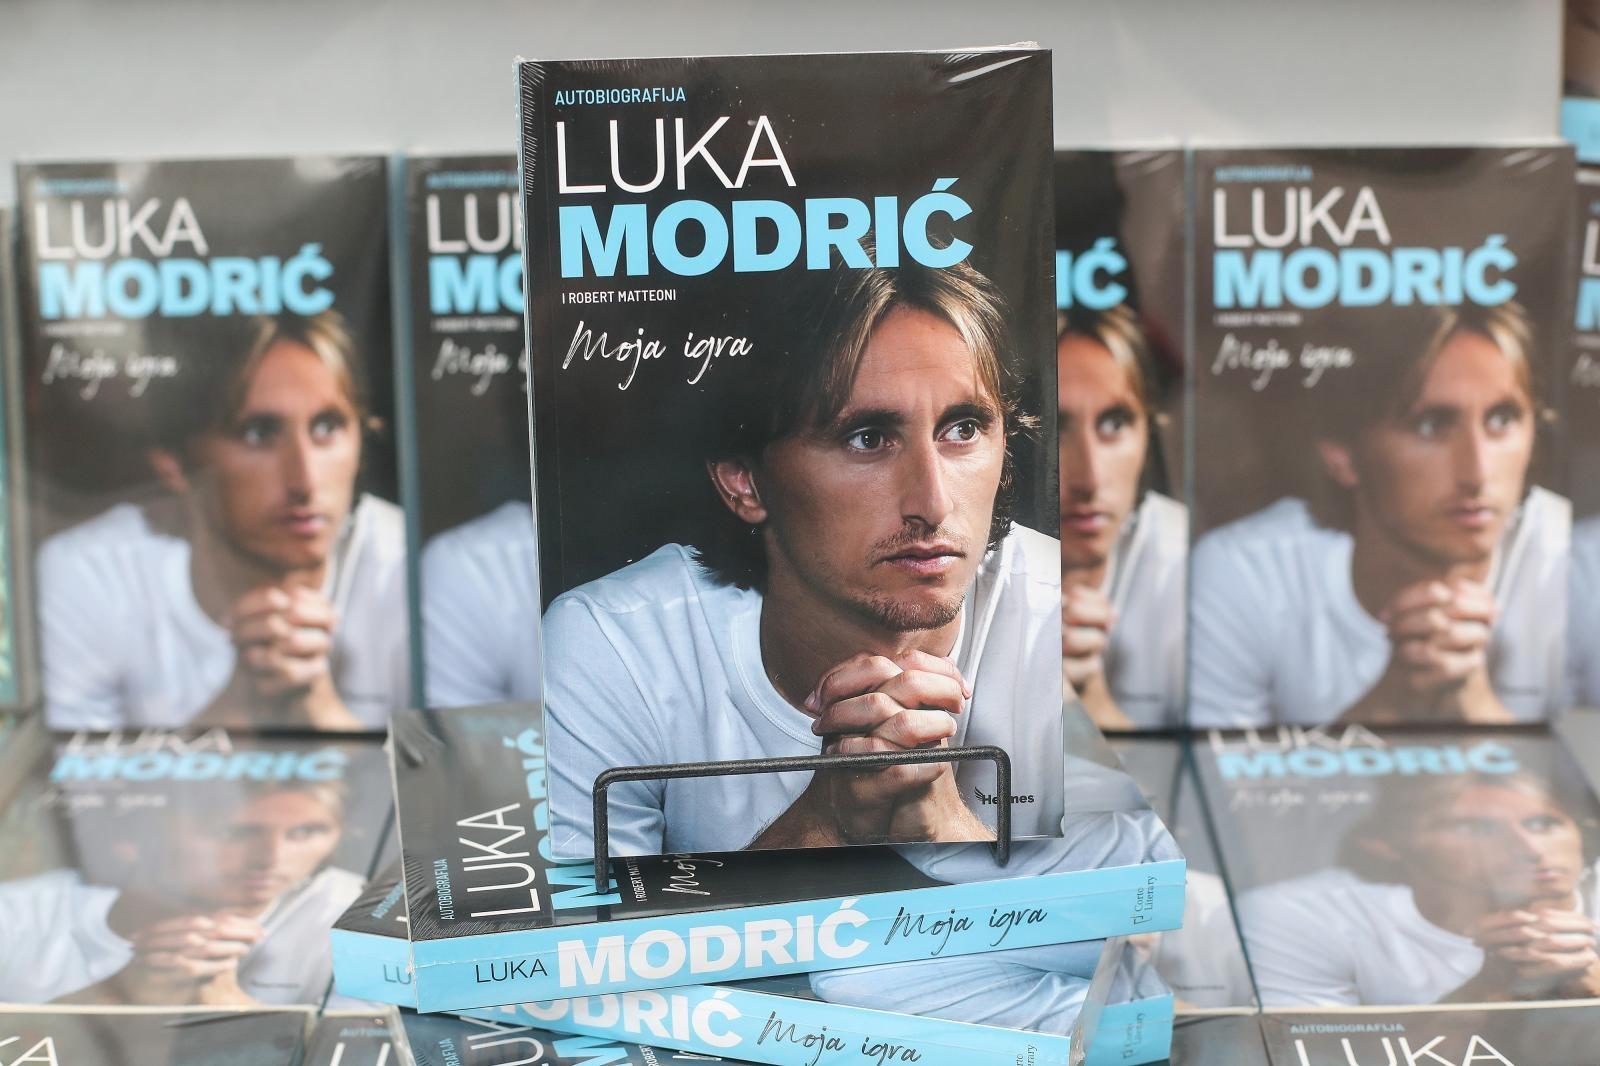 """Autobiografija Luke Modrića """"Moja igra"""" od danas u prodaji po cijeloj Hrvatskoj"""